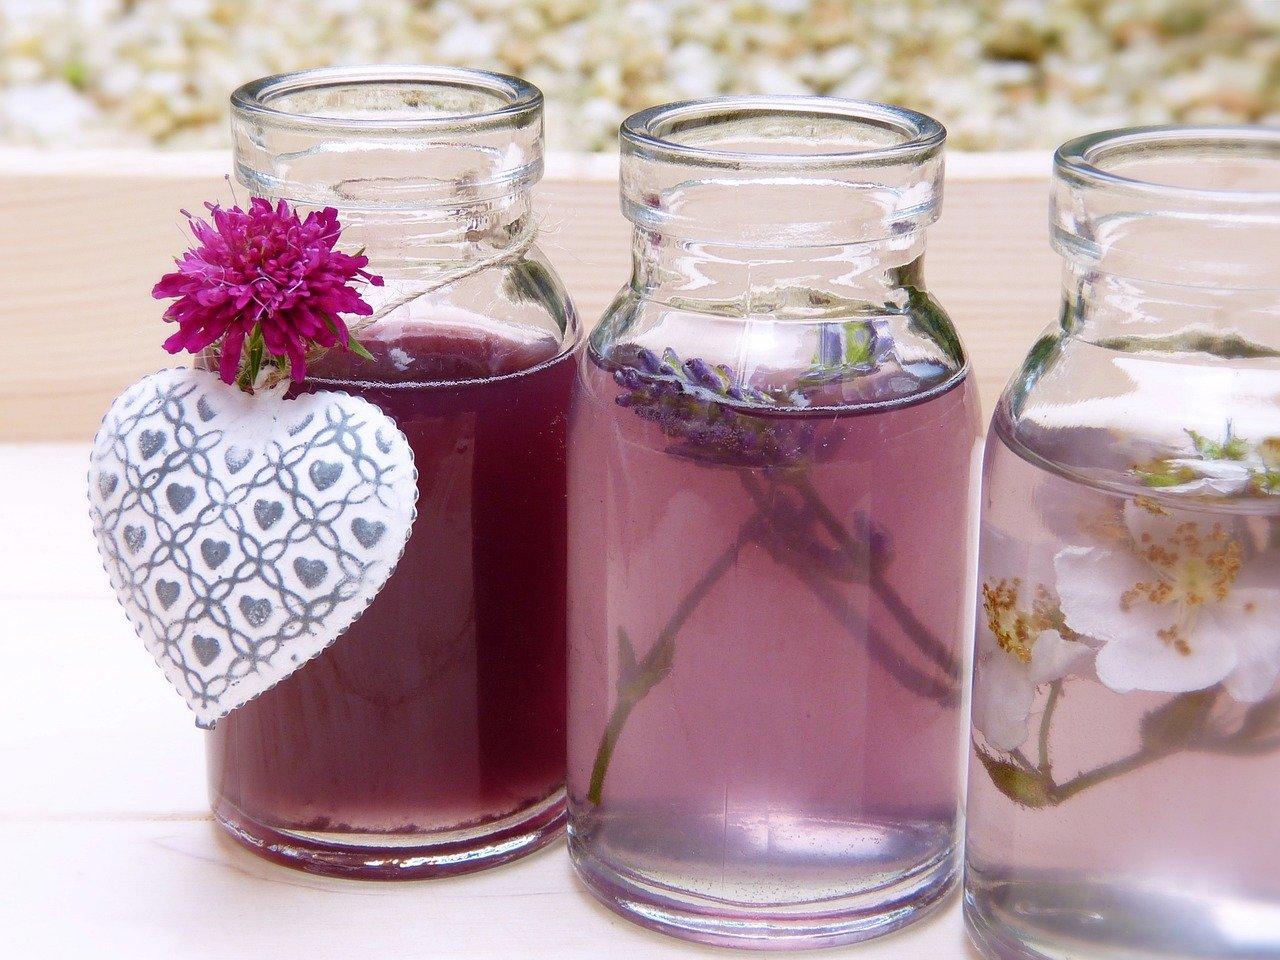 化粧水に含まれてる美容成分の意味や効果知ってる?それぞれの特徴を解説!